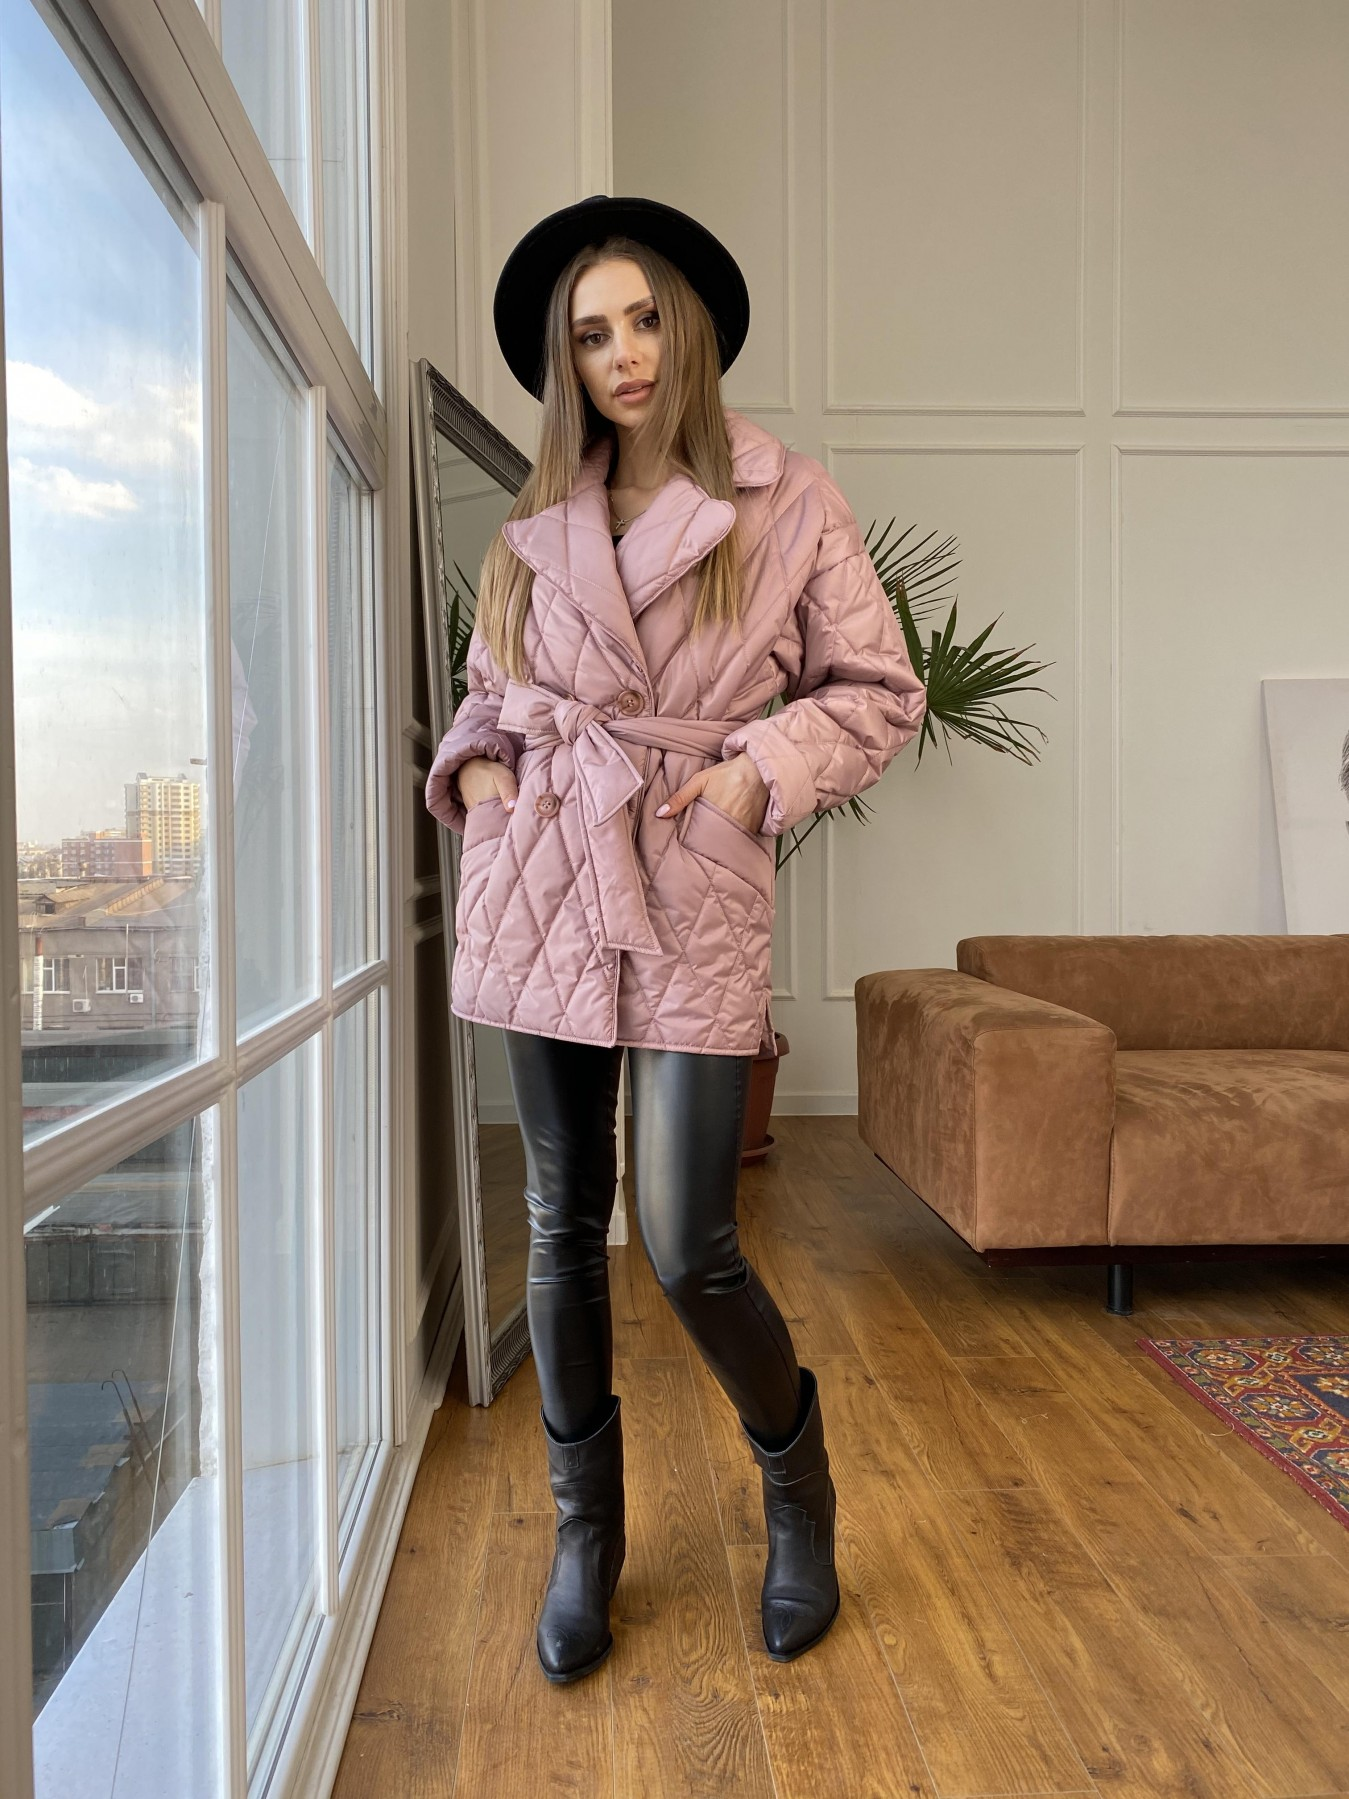 Норд куртка из плащевой ткани стеганая 10883 АРТ. 47465 Цвет: Пудра - фото 4, интернет магазин tm-modus.ru